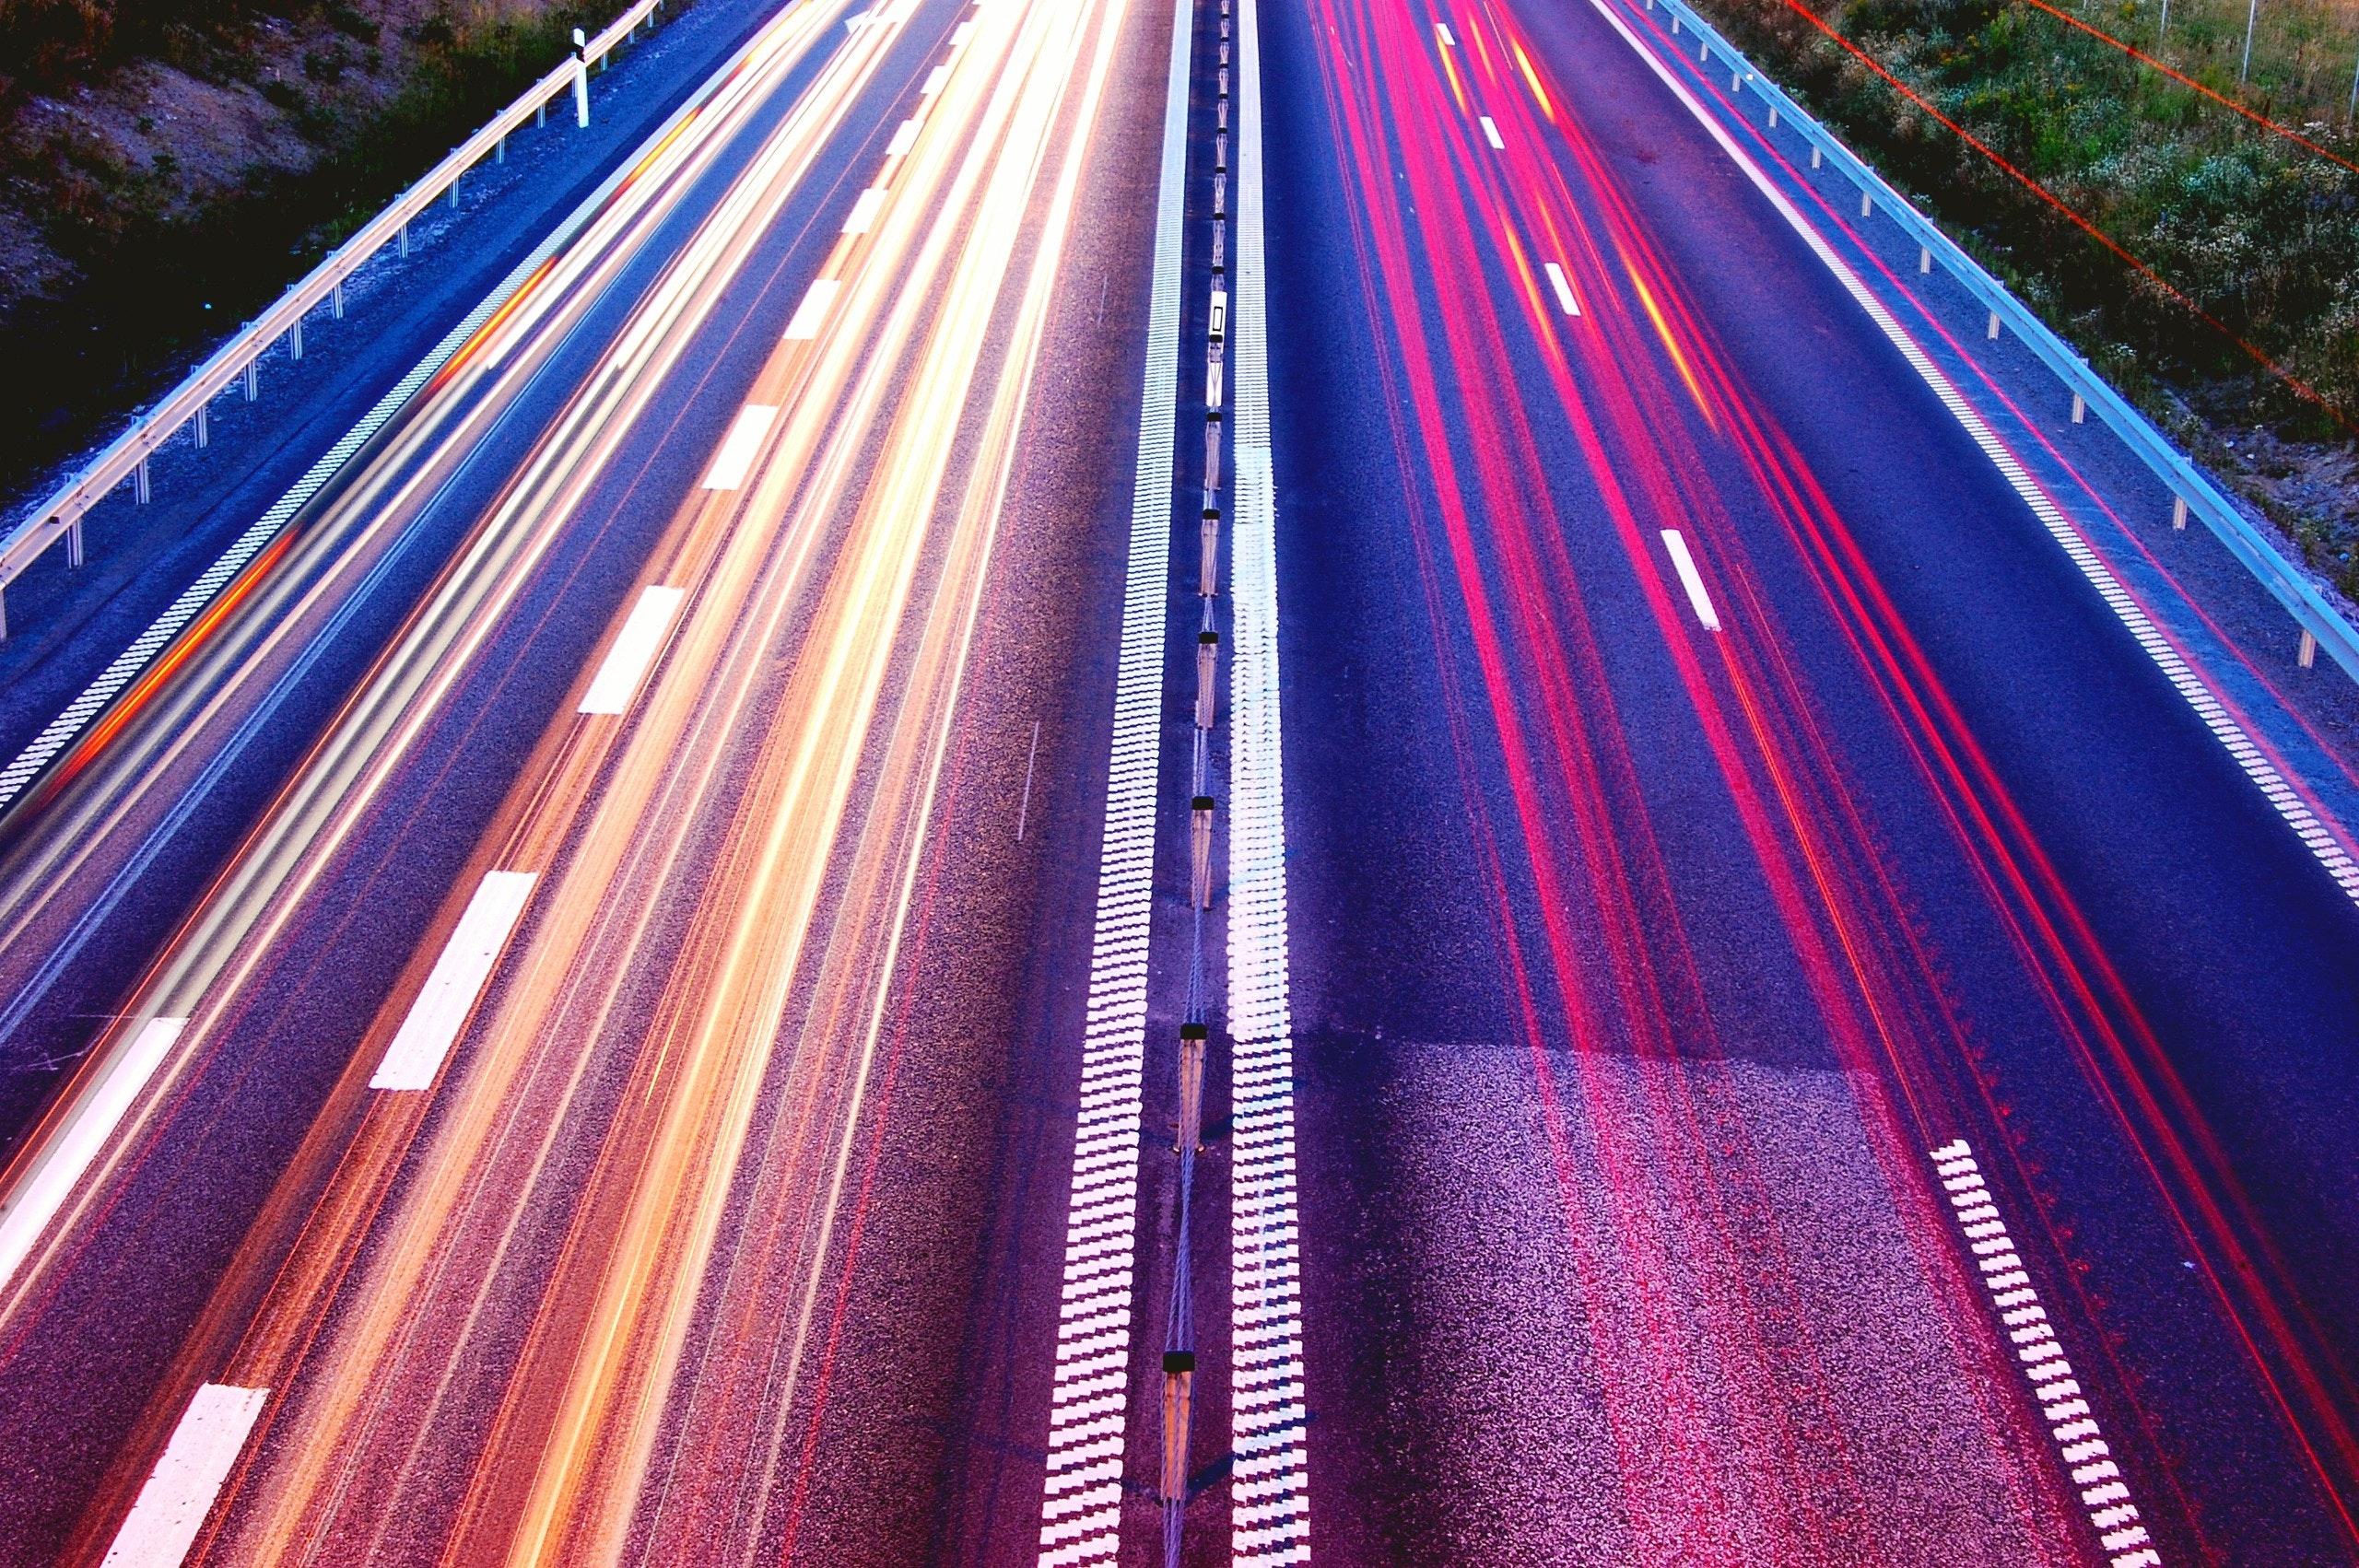 Sensorbasiertes Straßenzustandsmonitoring mittels KI